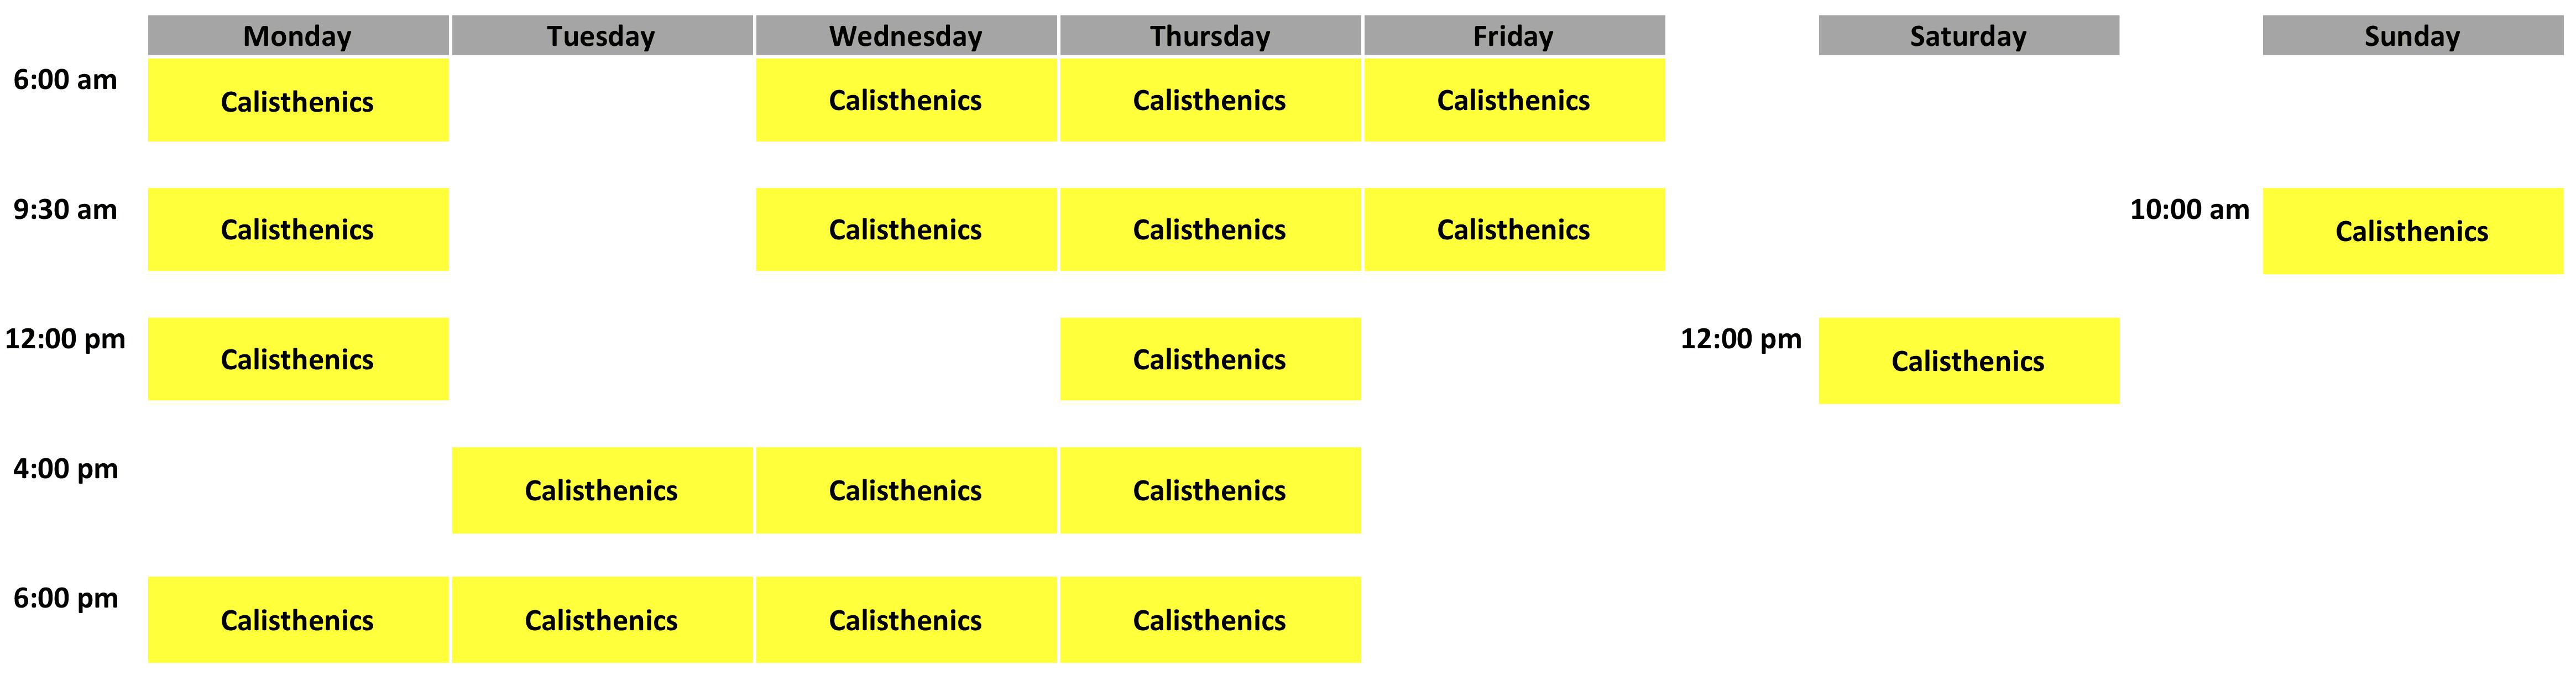 Calisthenics Schedule - April 2019